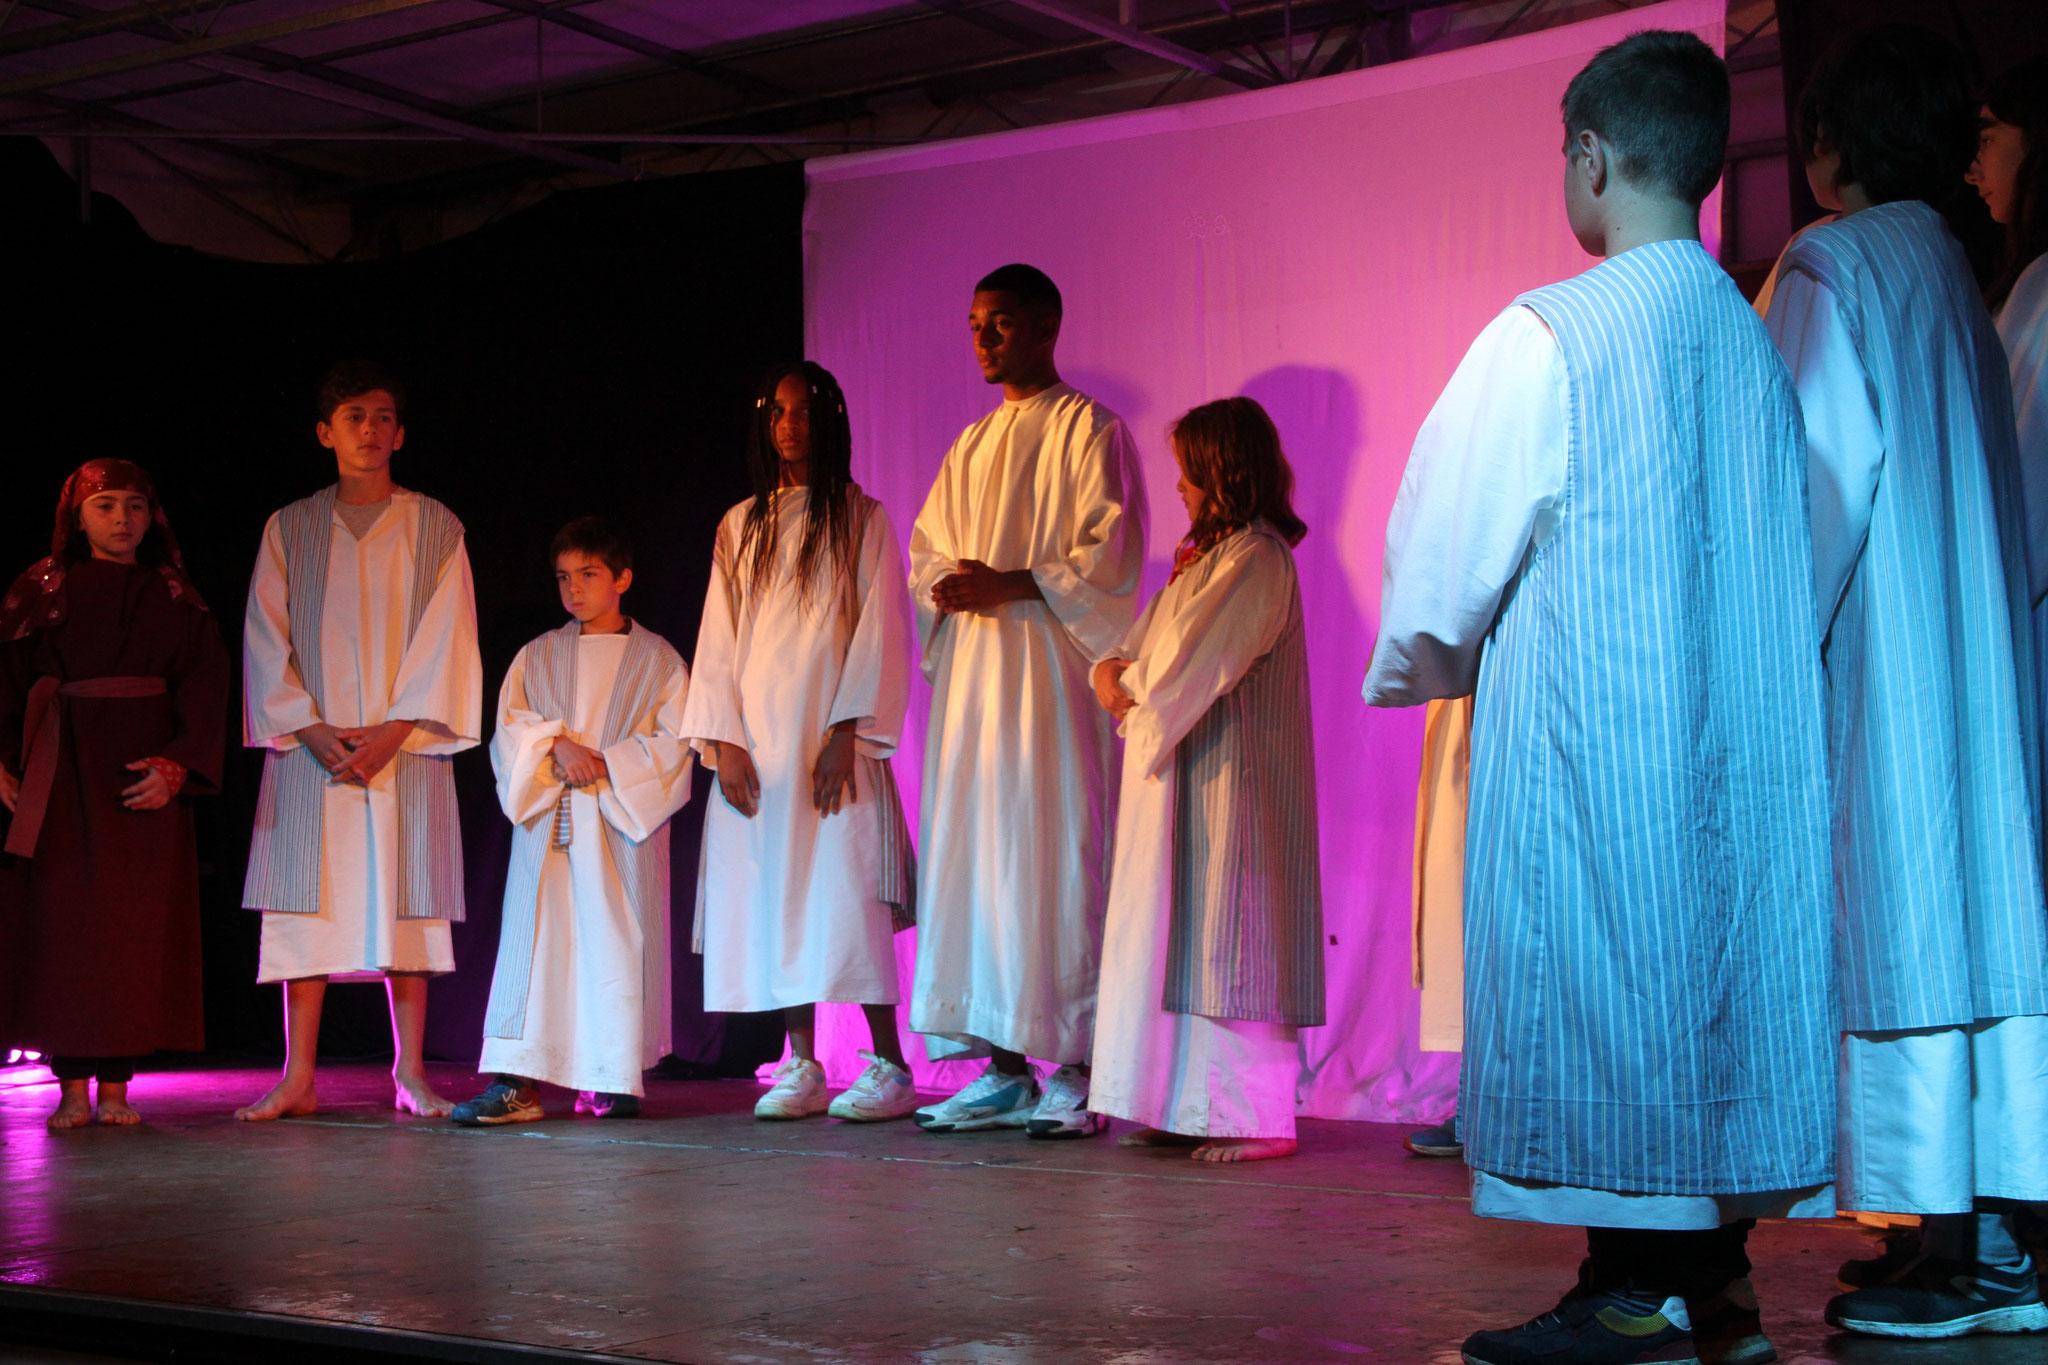 Les disciples d'Emmaüs  (c) JDR